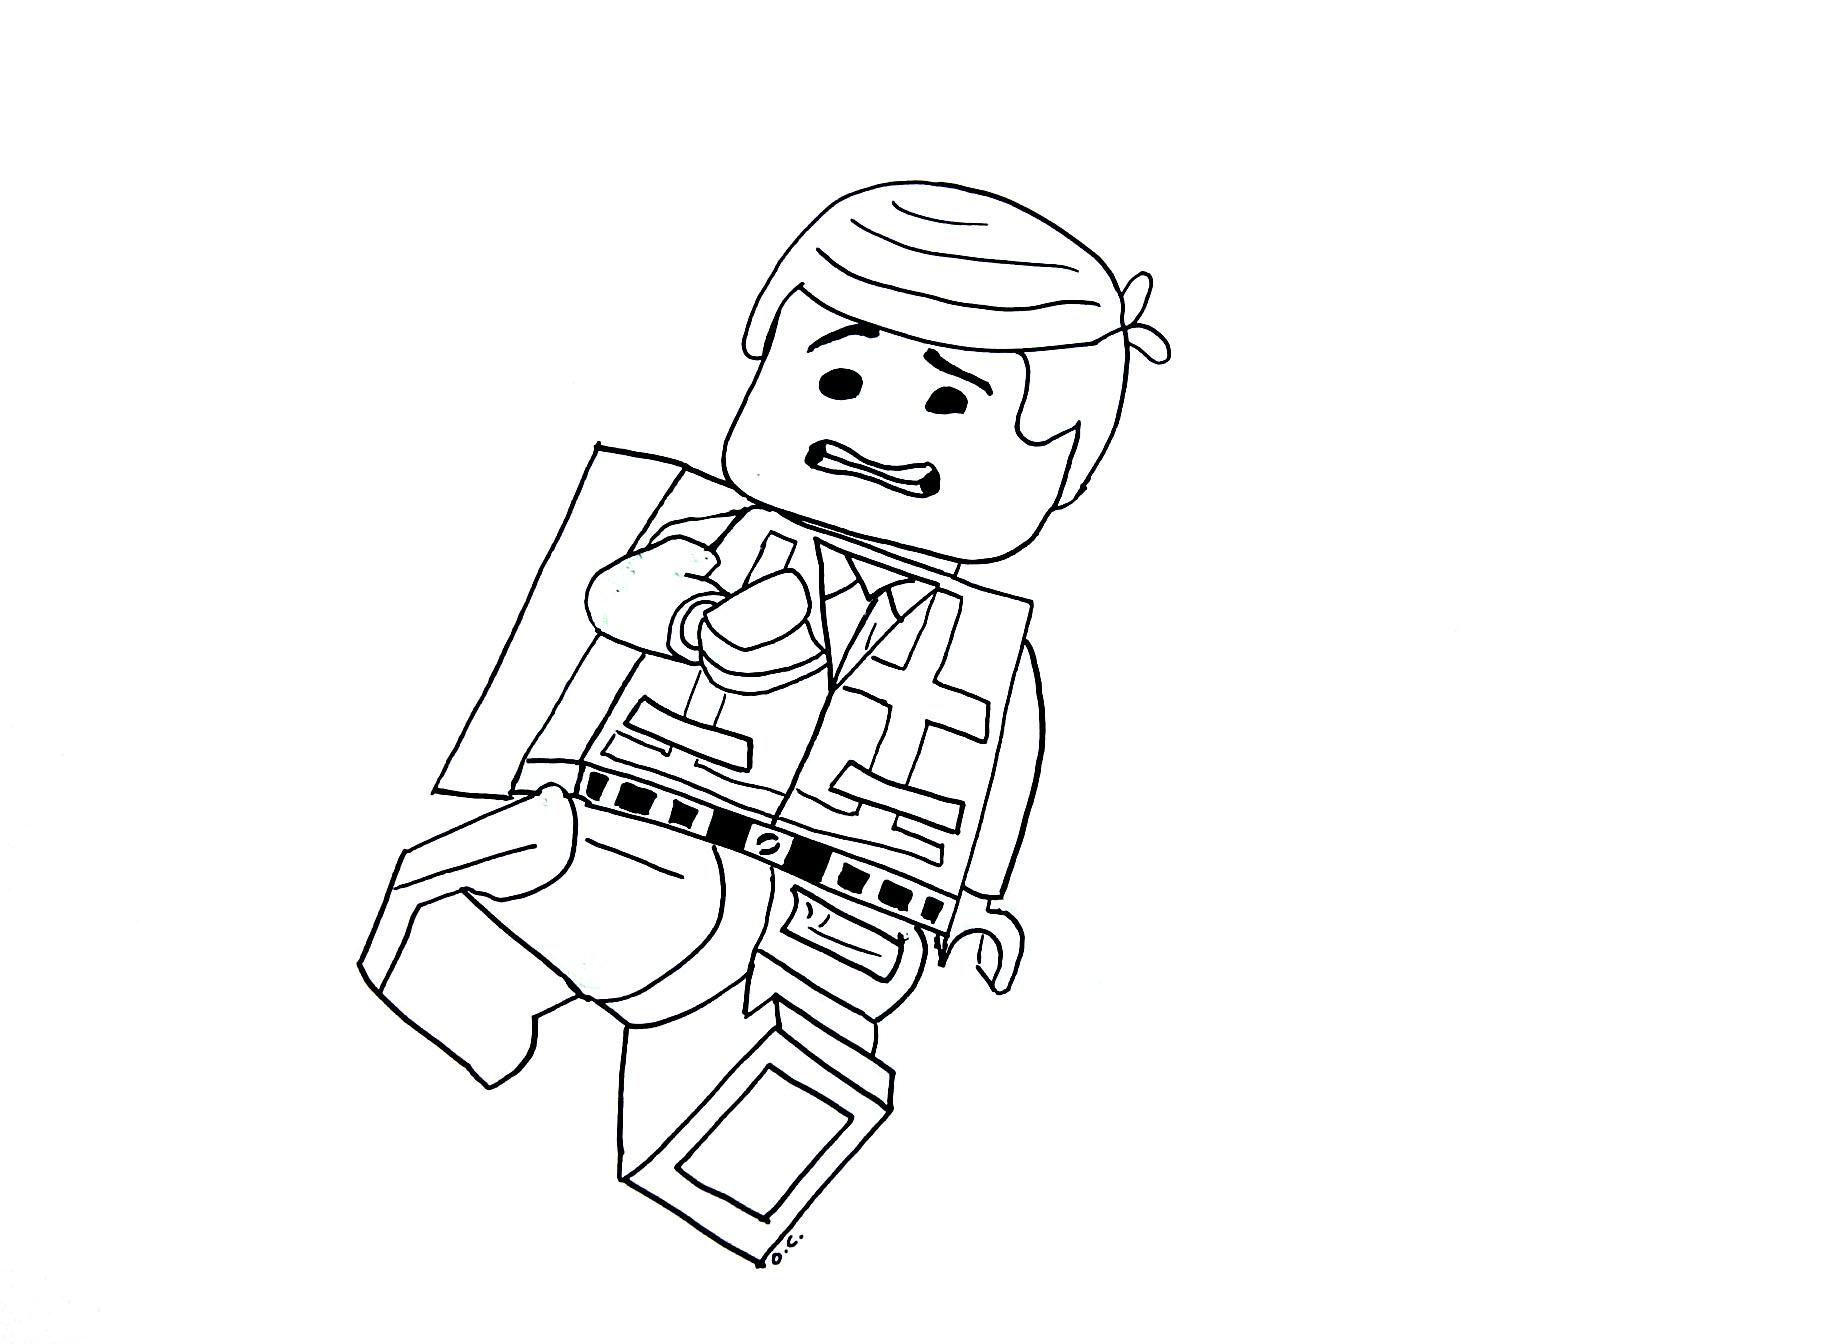 Lego la grande aventure Coloriage